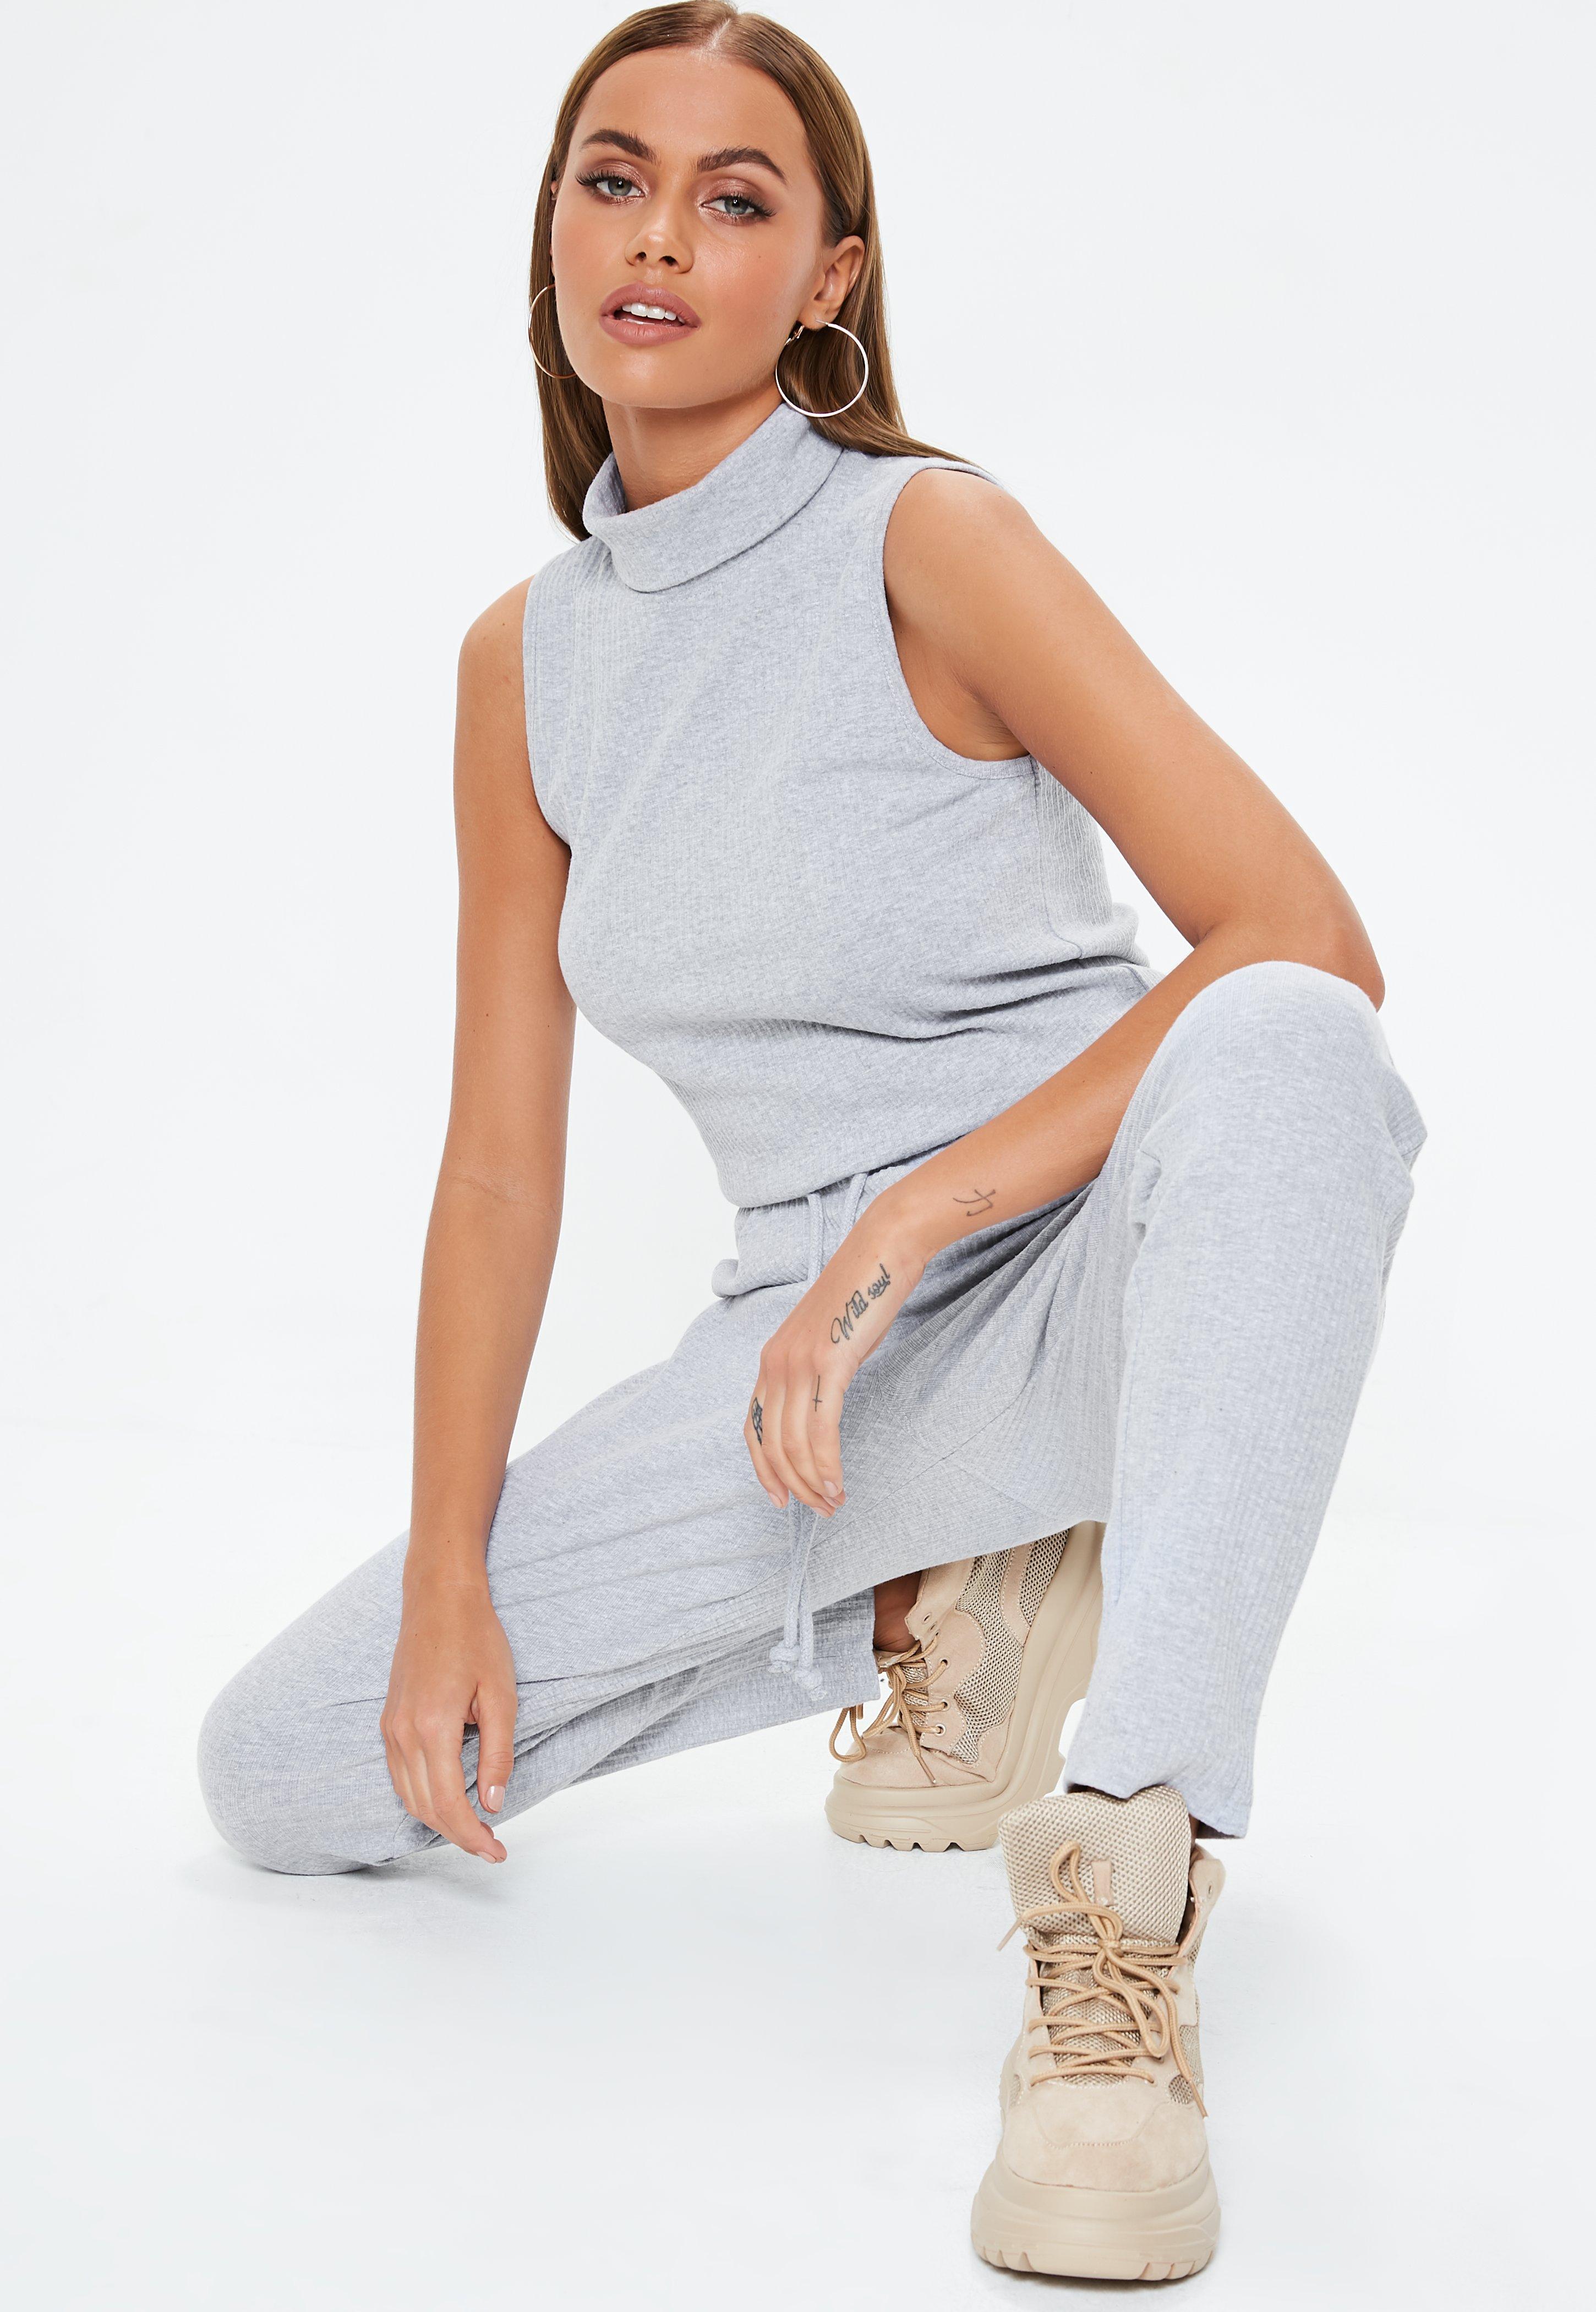 Women's Clothing Parfait état Easy And Simple To Handle Adroit Pantacourt Cache Cache 36